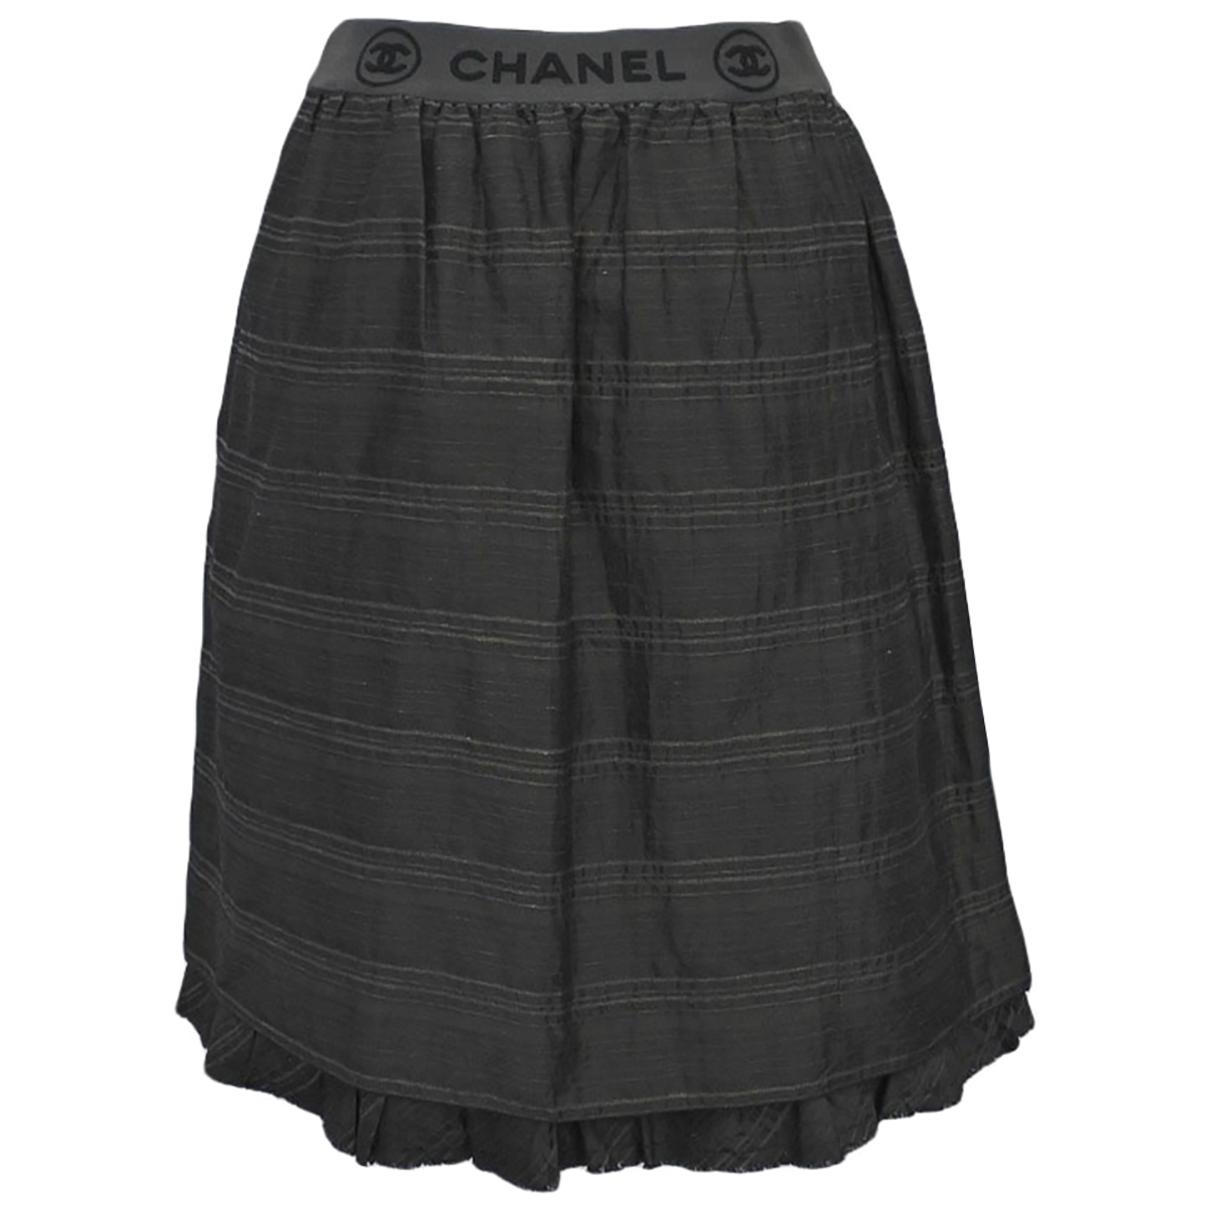 Chanel - Jupe   pour femme en coton - gris